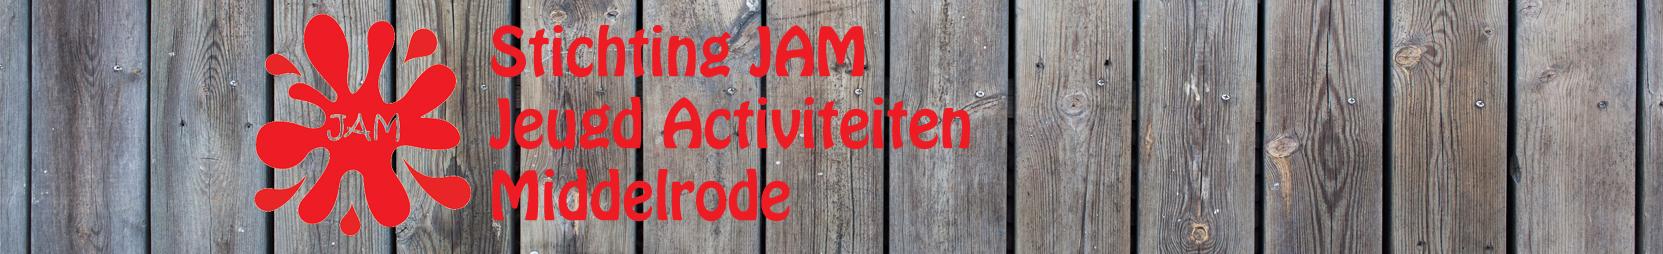 Stichting JAM